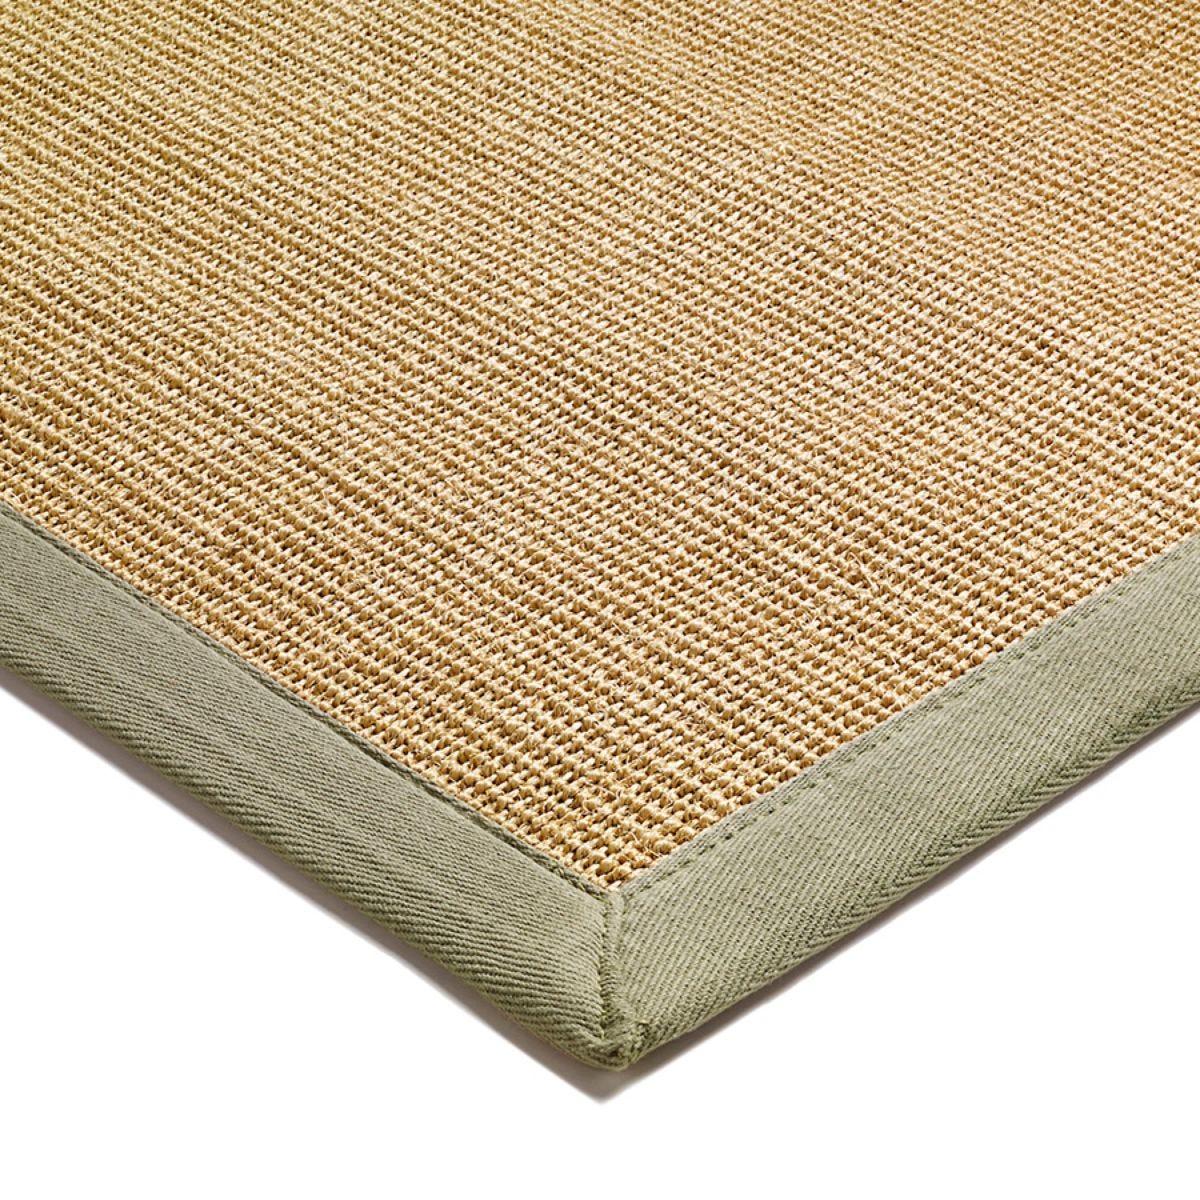 Asiatic Sisal Rug 180 x 120cm - Linen